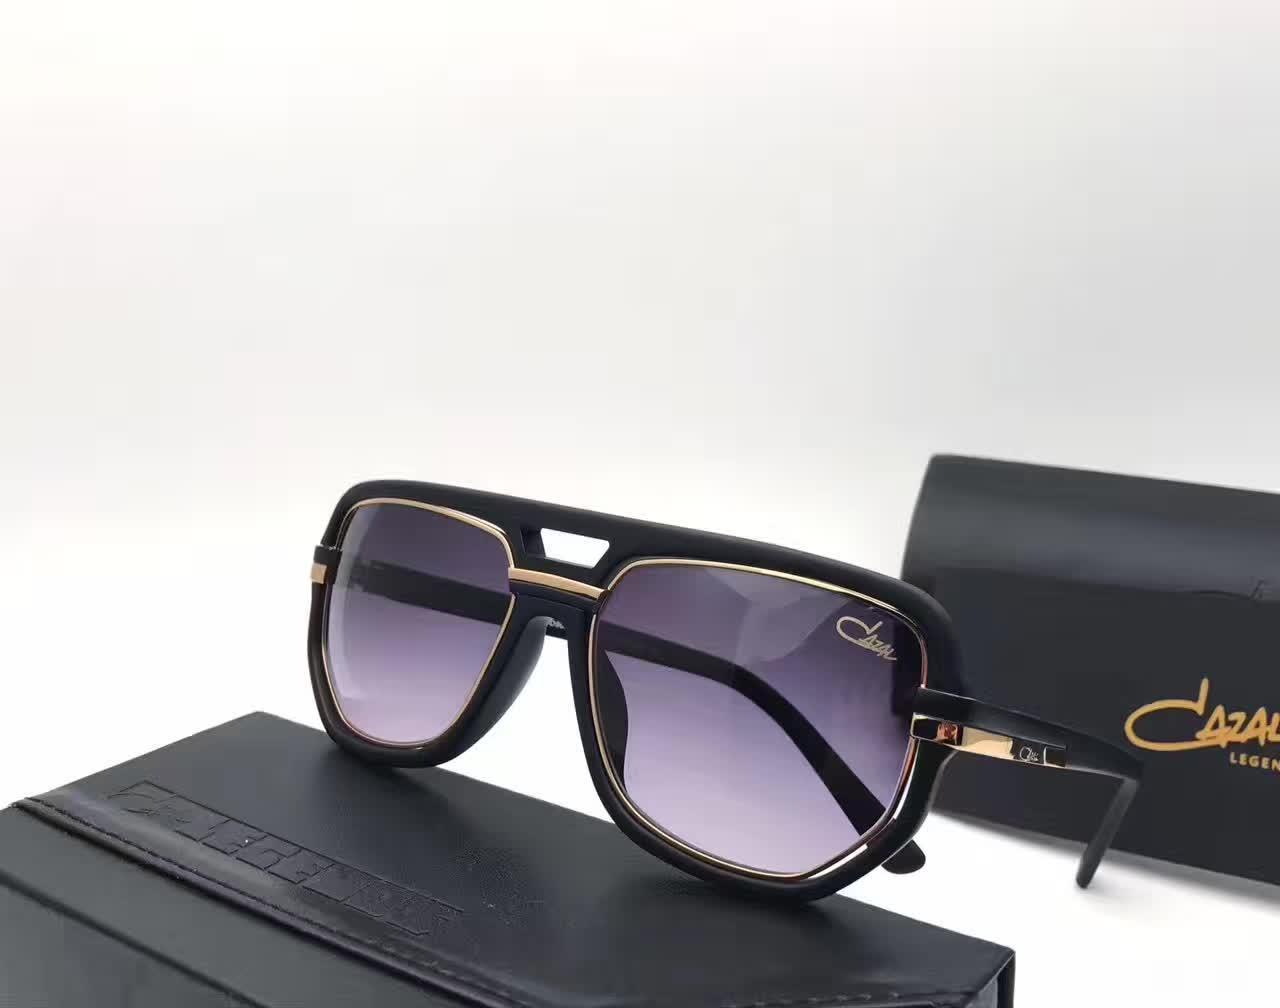 657ecc8121 Compre Lujo Hombres Gafas De Sol Negras Grises Leyendas Vintage Designer  Brand Gafas De Sol Gafas De Sol Feminino Nuevas Con Estuche A $83.51 Del  Gounian ...